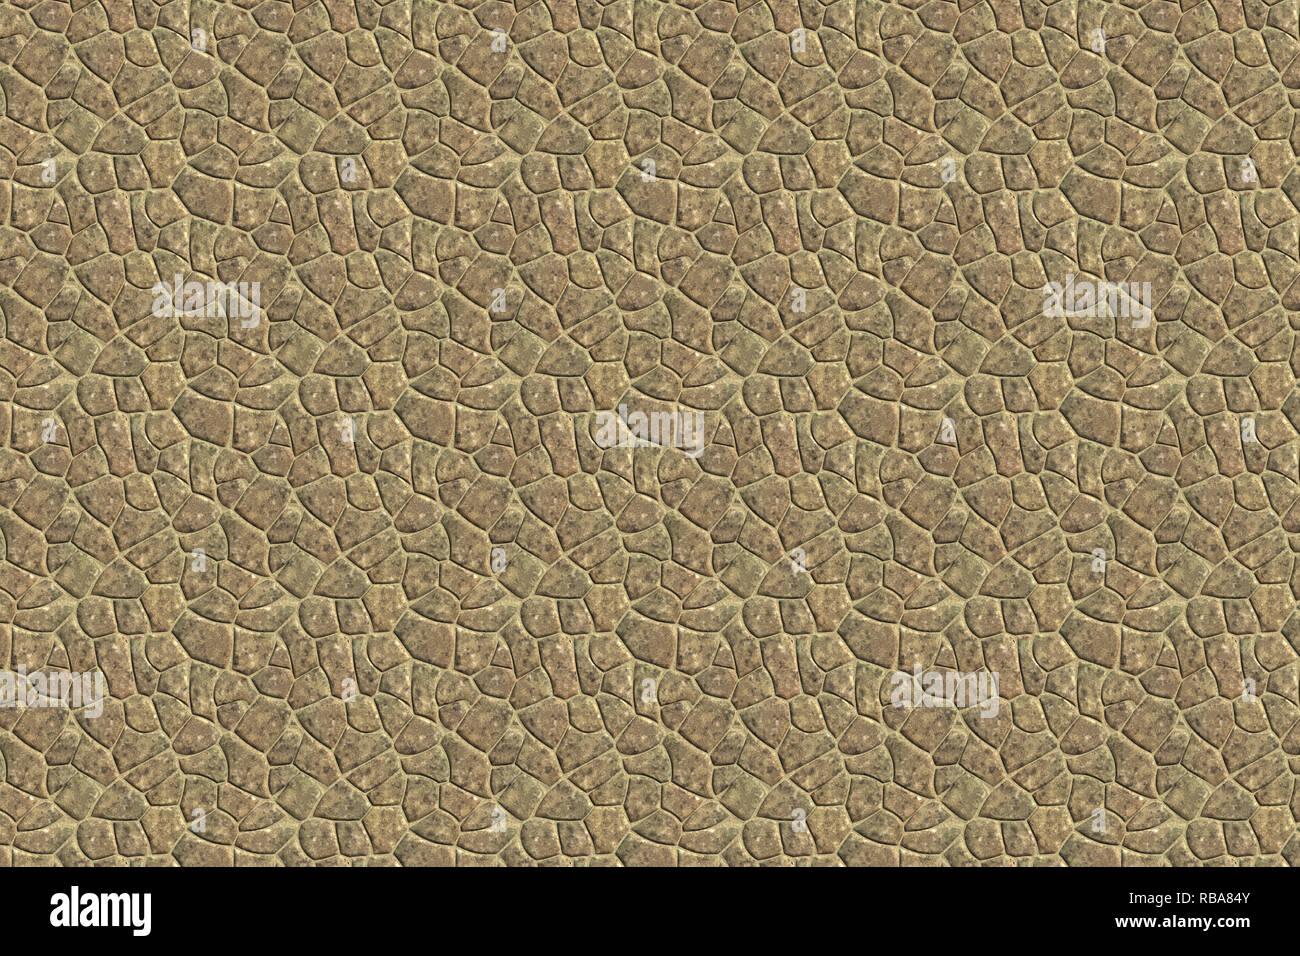 Light Stone Street Detailansicht Steinboden Muster Hintergrund, Textur Stockfoto